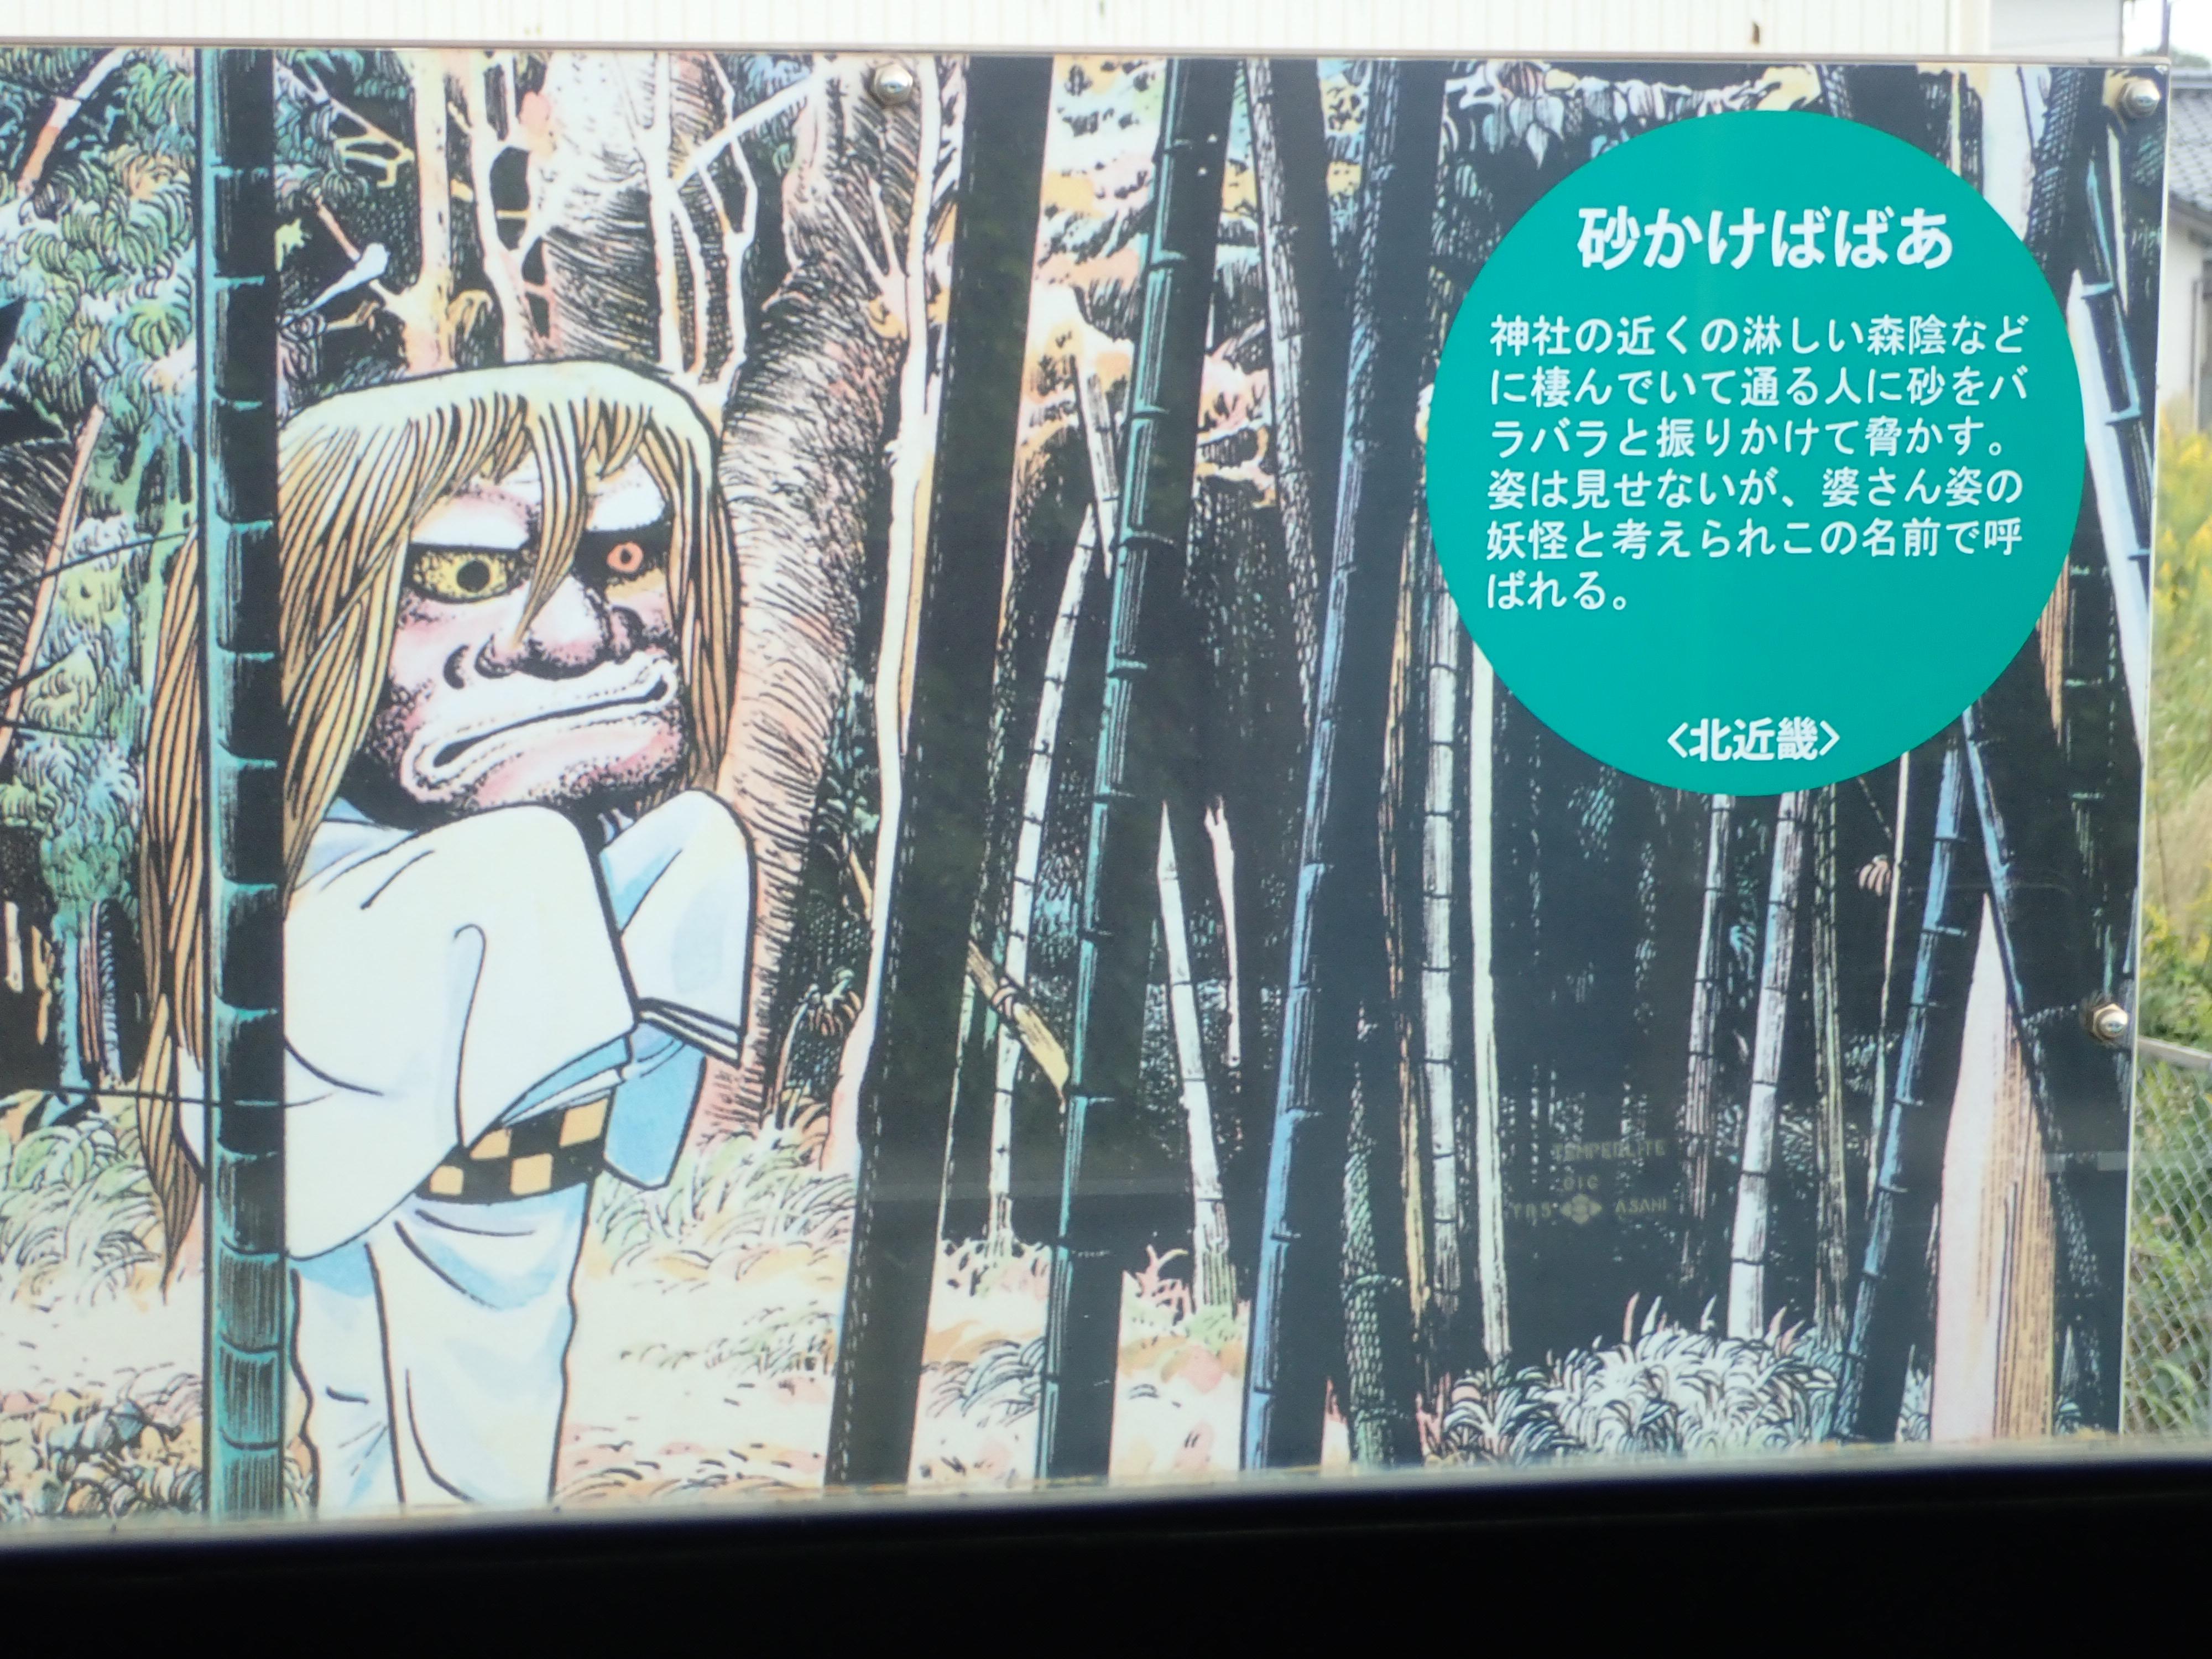 鬼太郎列車に乗ると通過する大篠津町